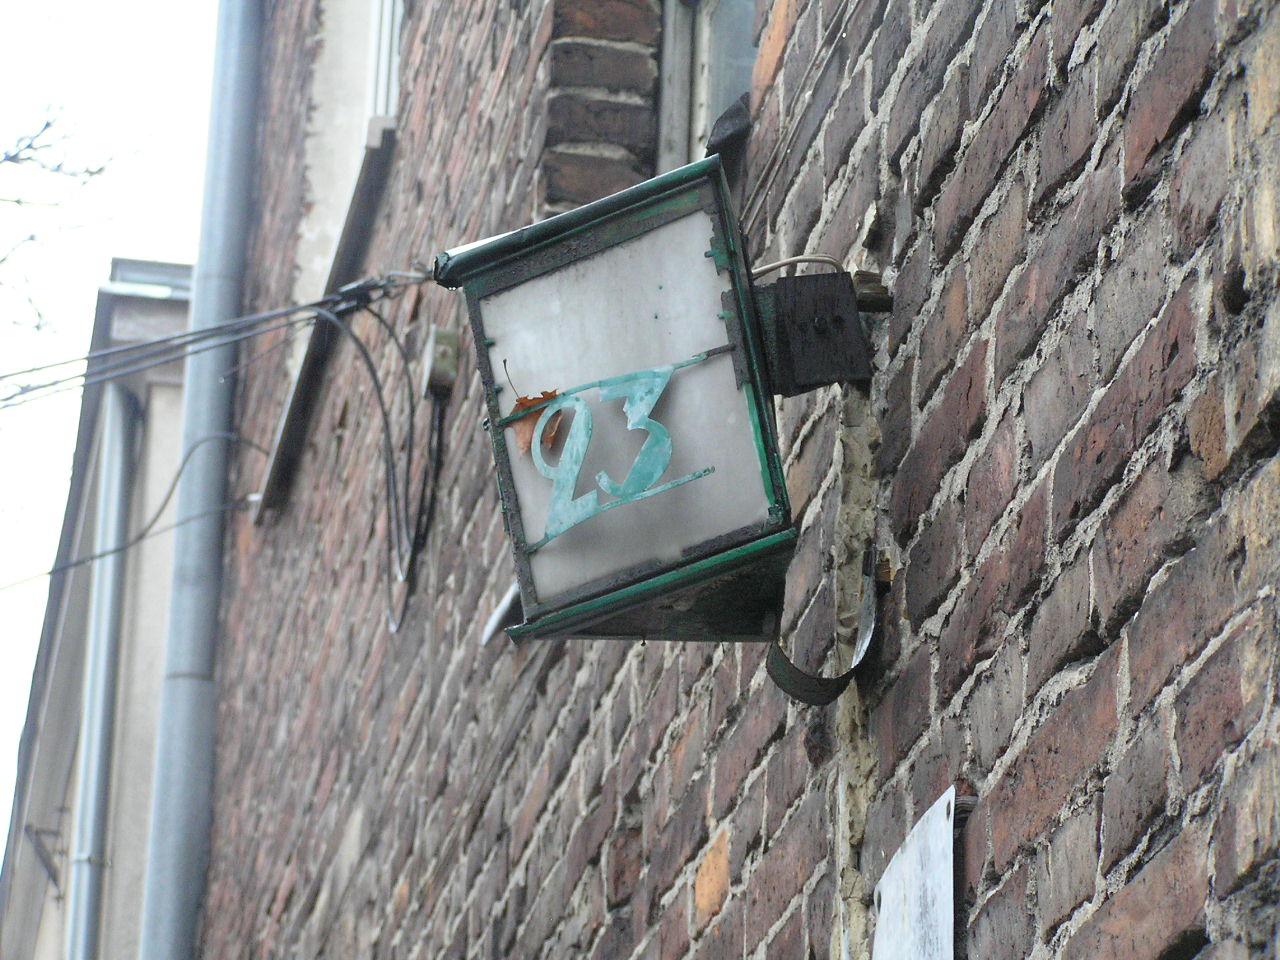 Latarenka adresowa przy ulicy Omulewskiej 23 na Grochowie